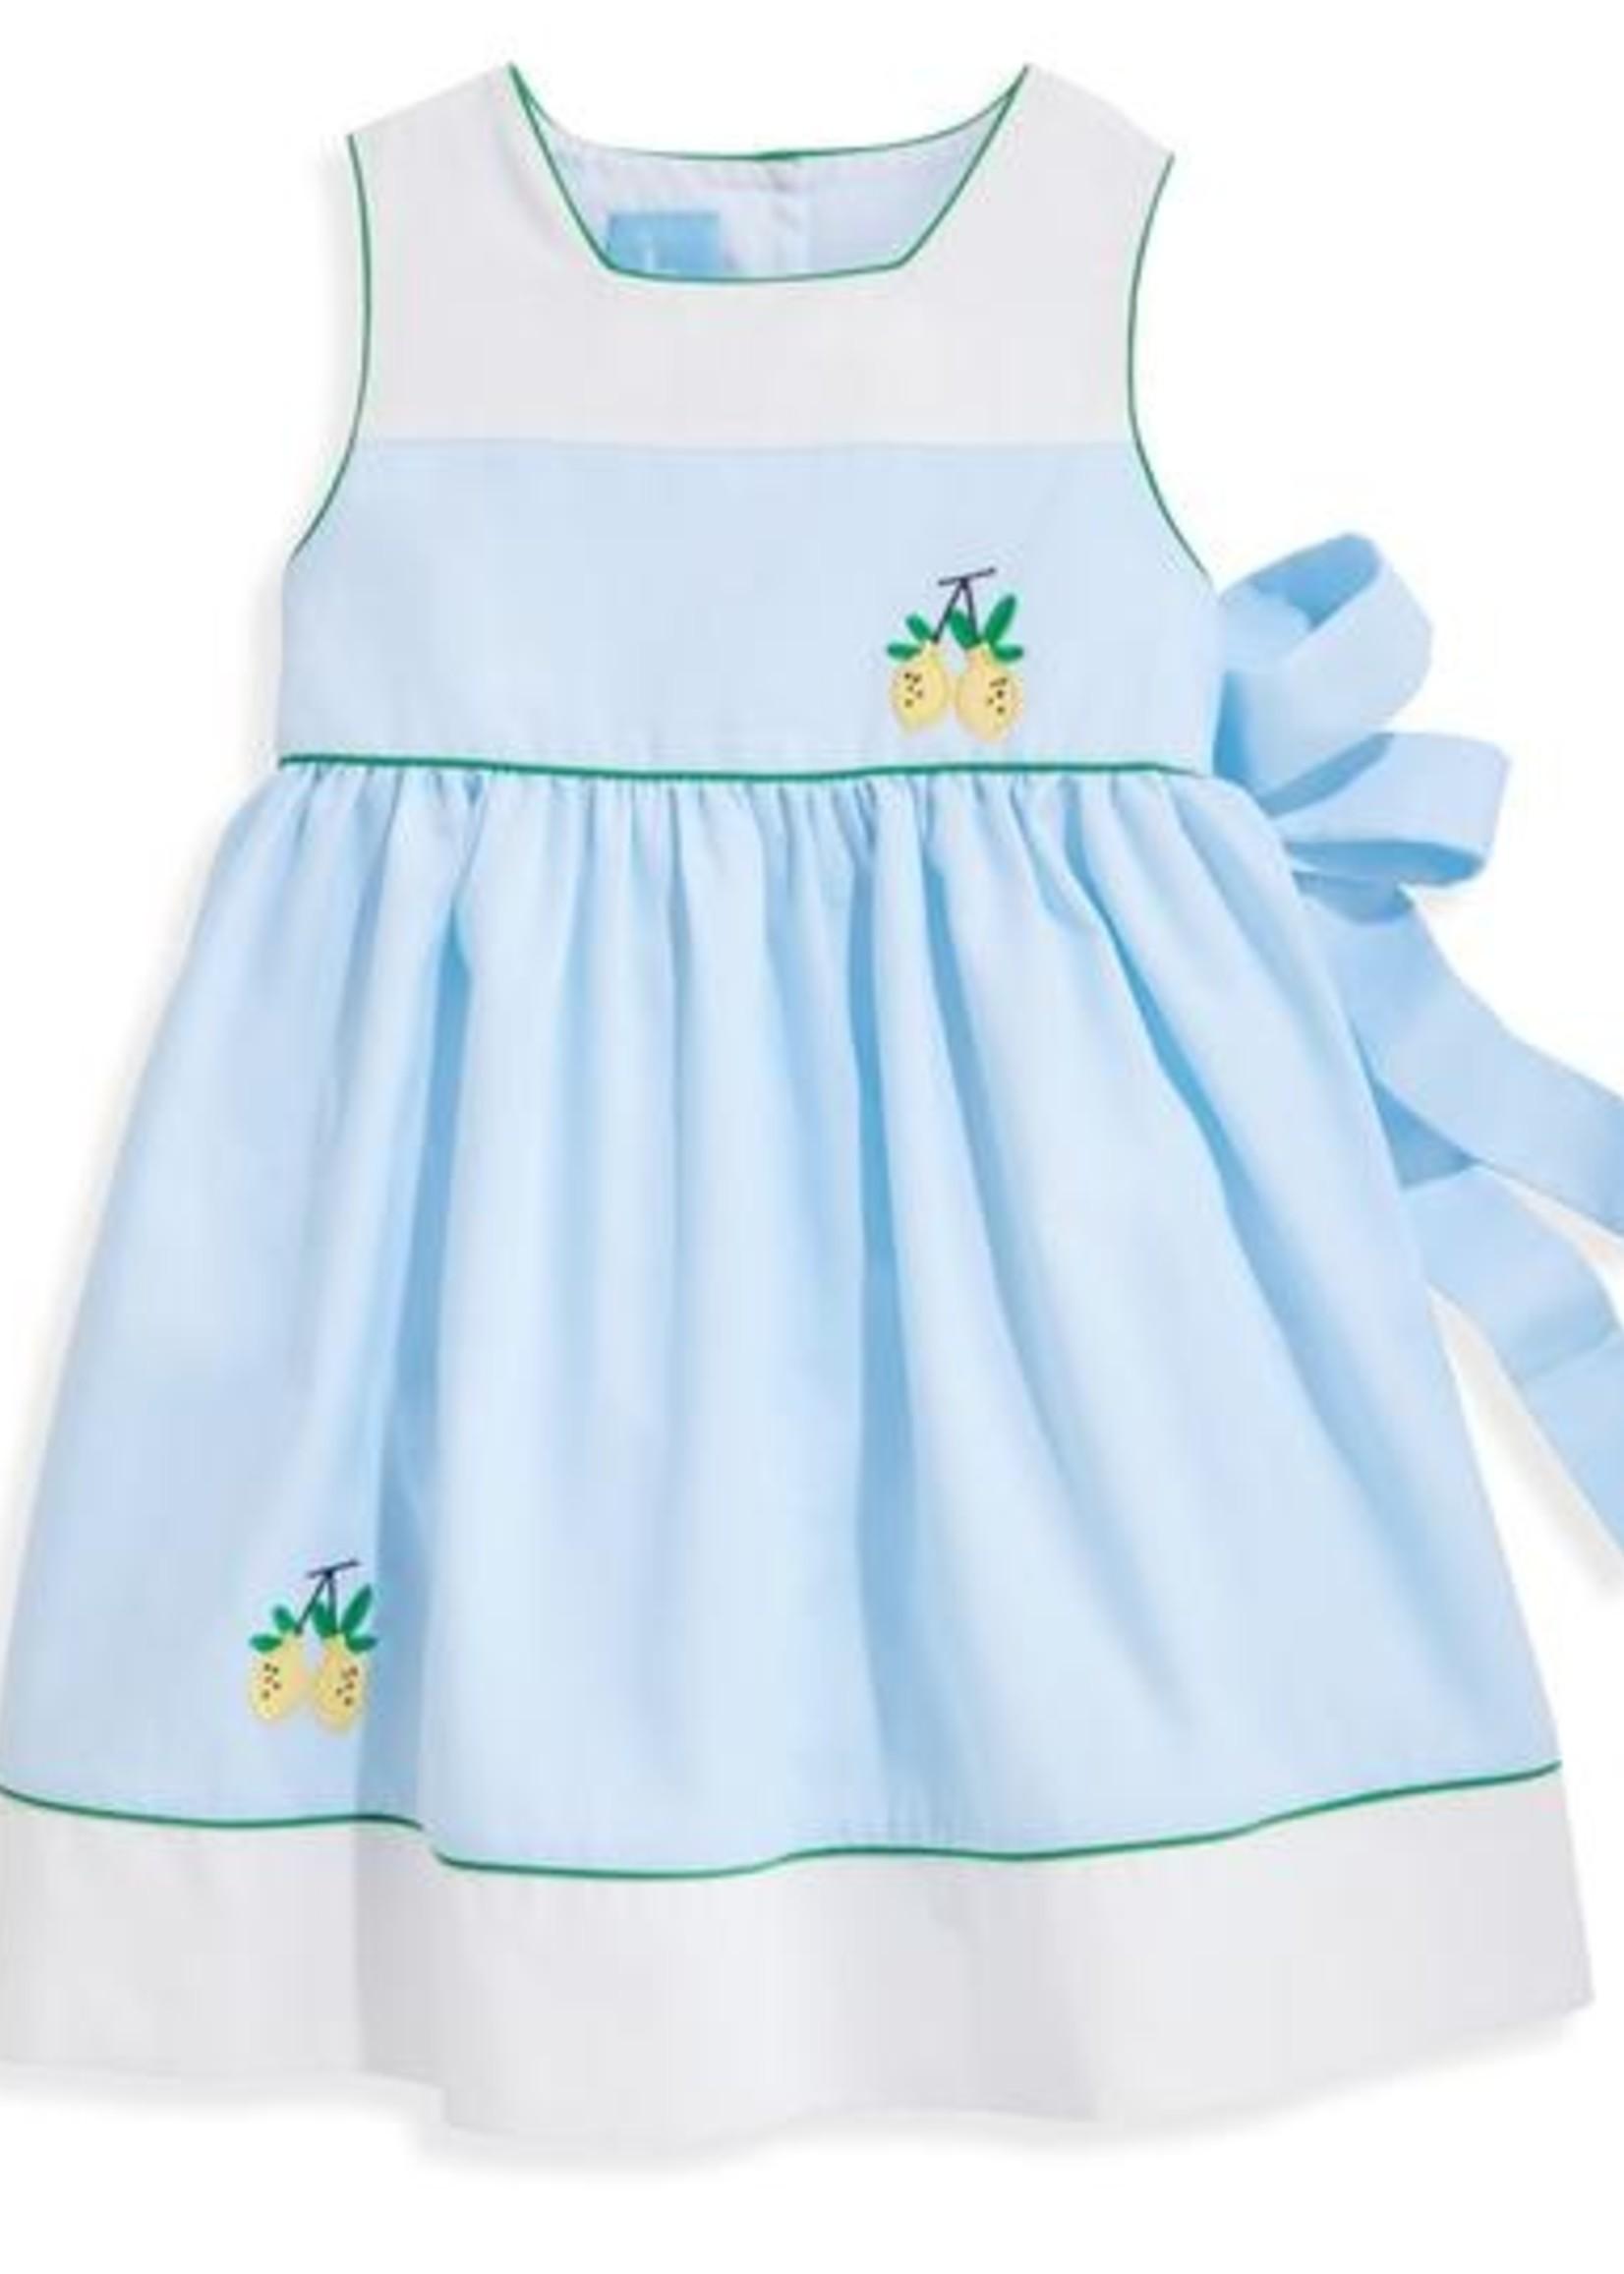 BLUE PIQUE OLIVIA DRESS